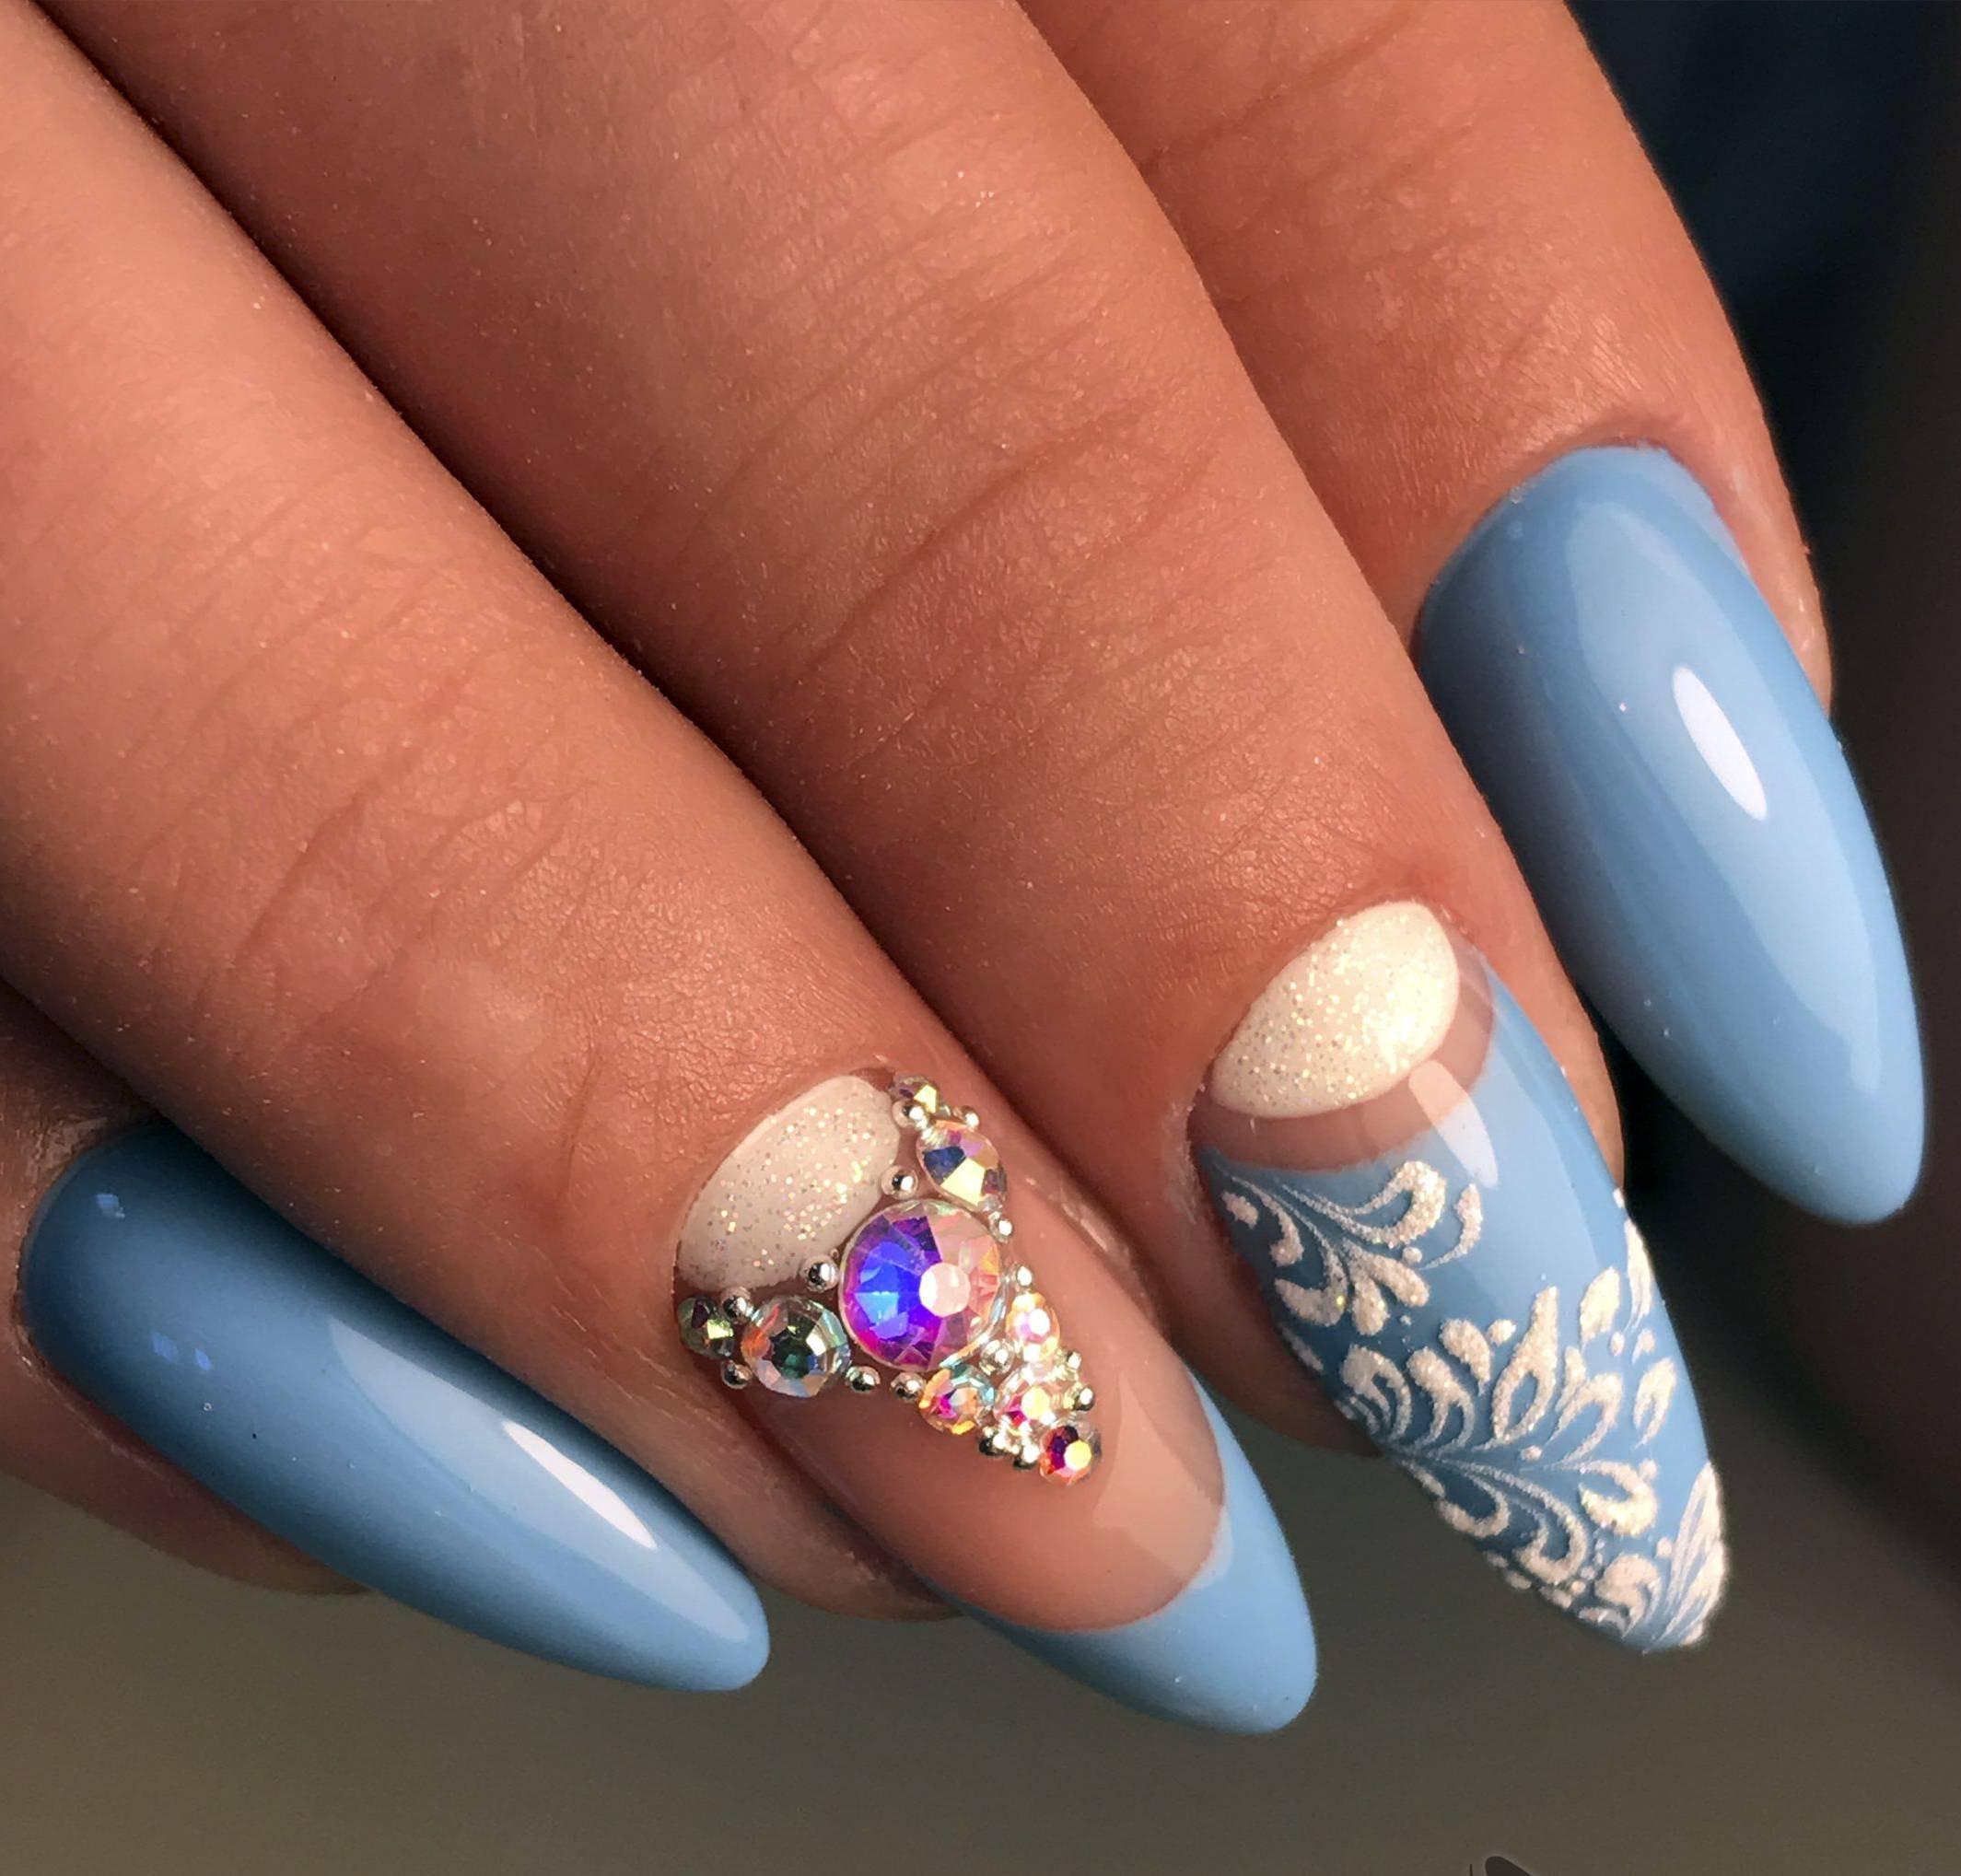 обустроить шикарный дизайн ногтей на праздник фото мероприятия